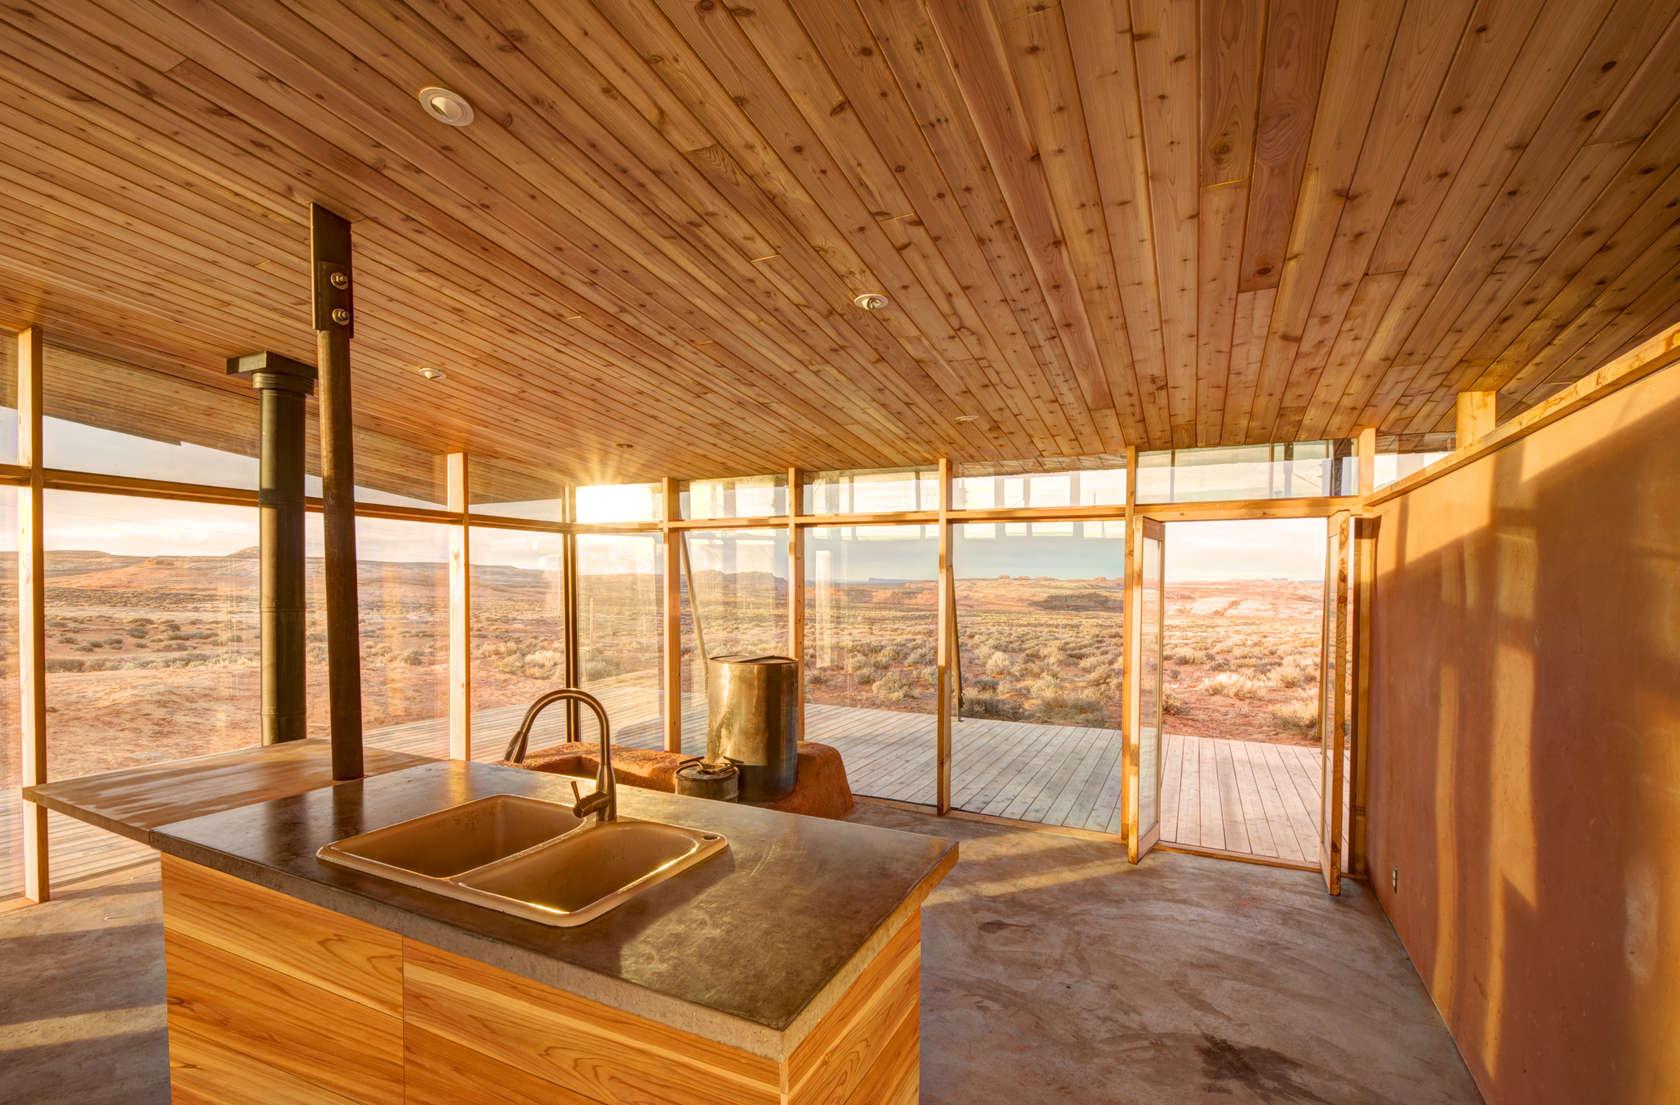 Proyecto de pequeña casa de arcilla y madera con moderno diseño de